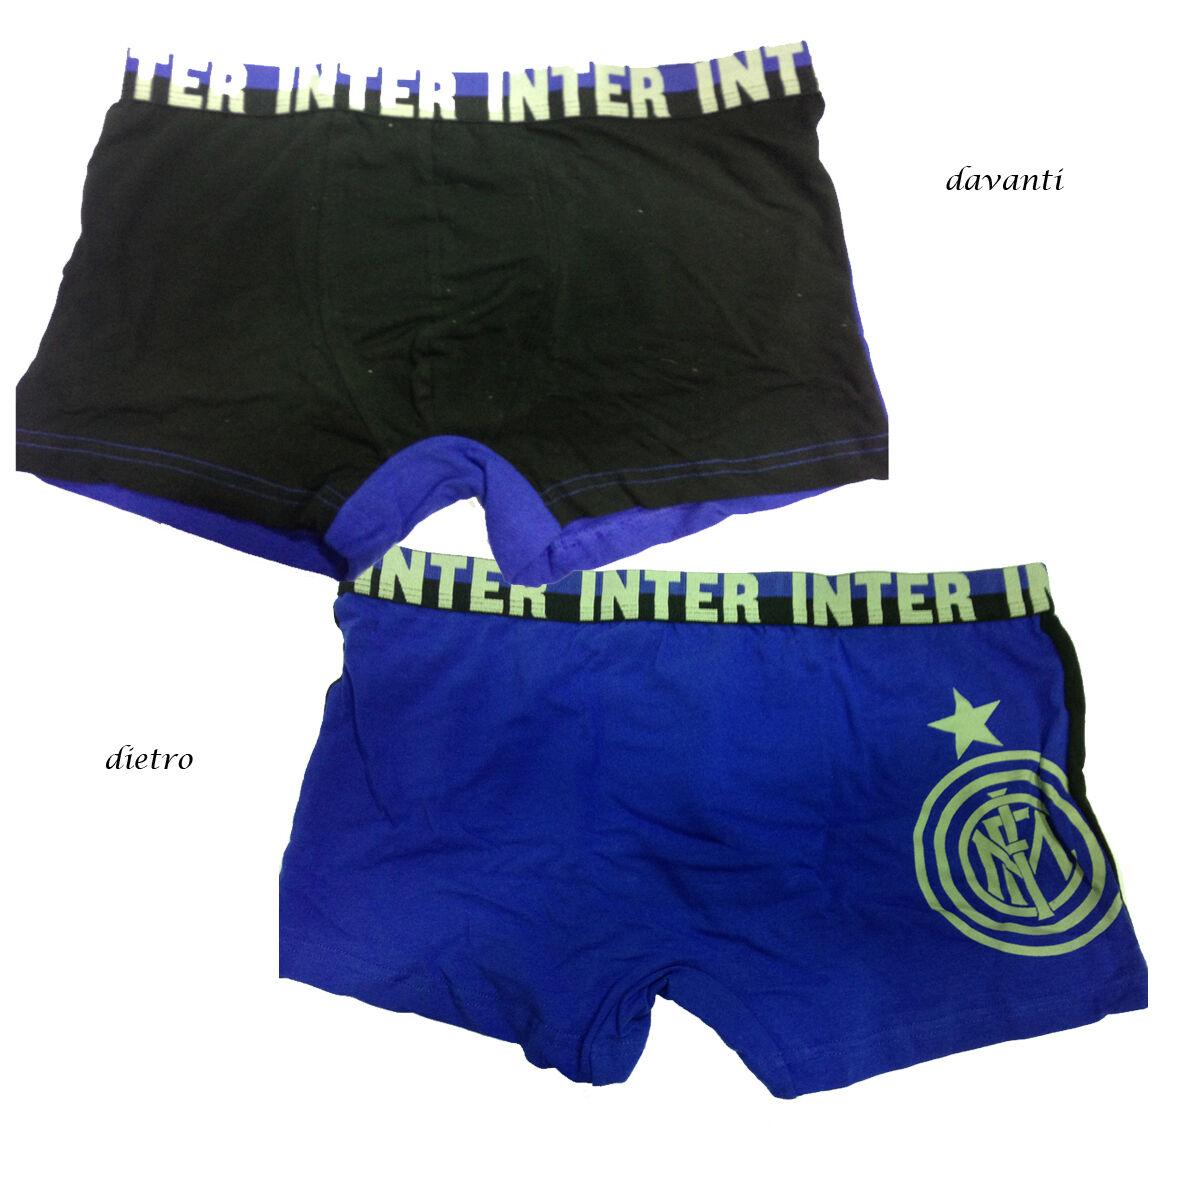 INTER boxer nero blu in cotone underwear taglia XL da uomo